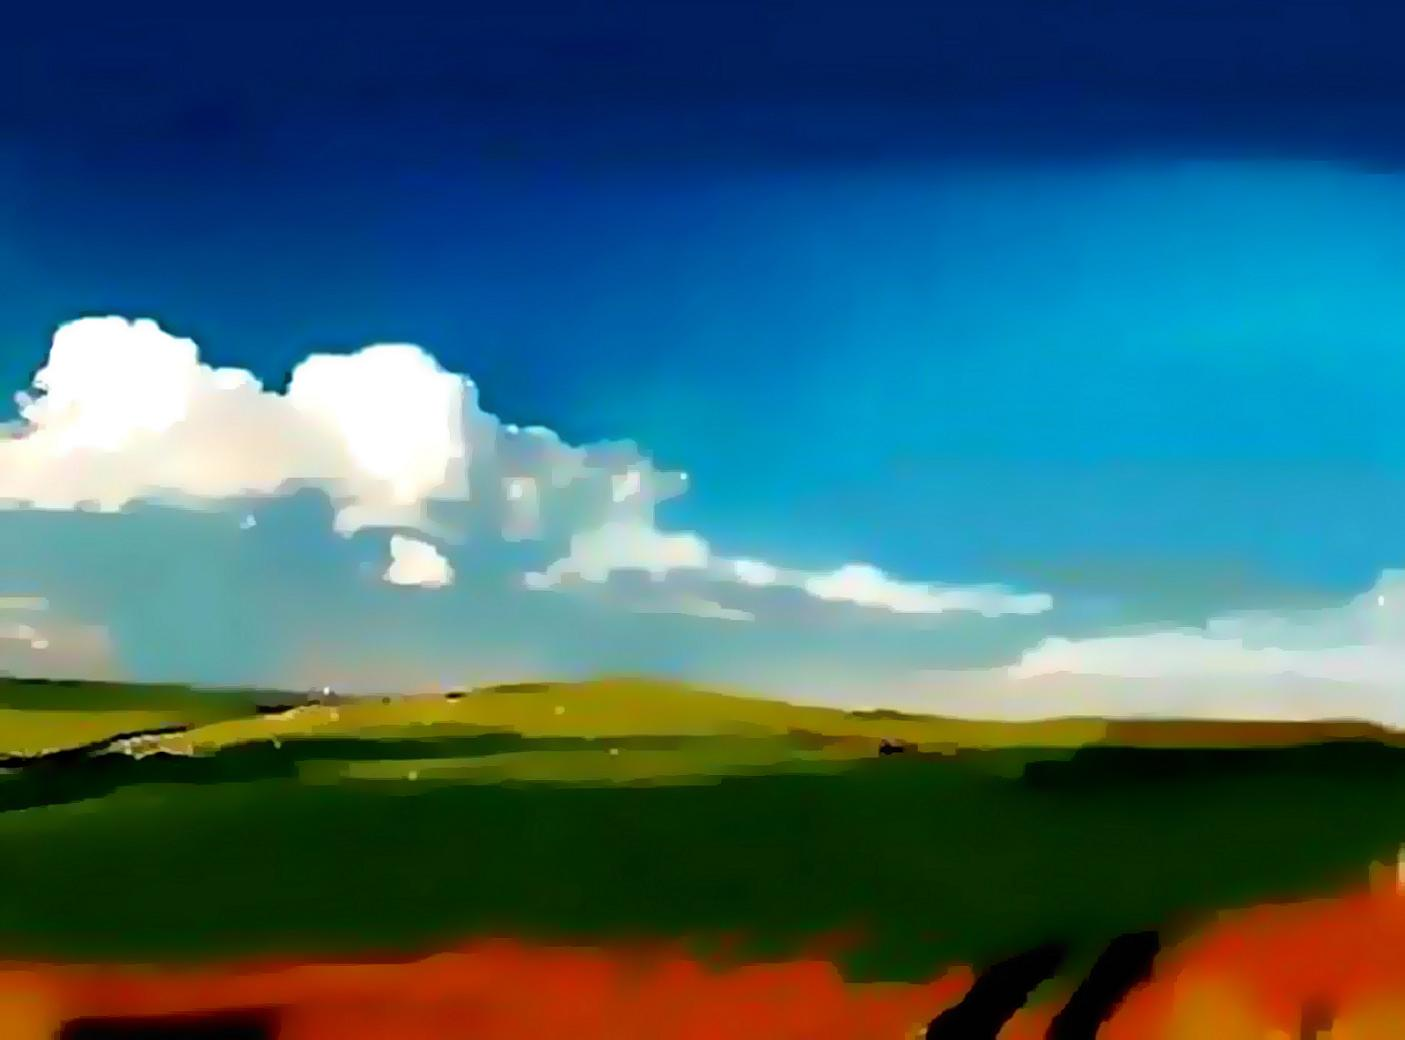 Fields of Summer Dreams artwork by Vesa Peltonen - art listed for sale on Artplode